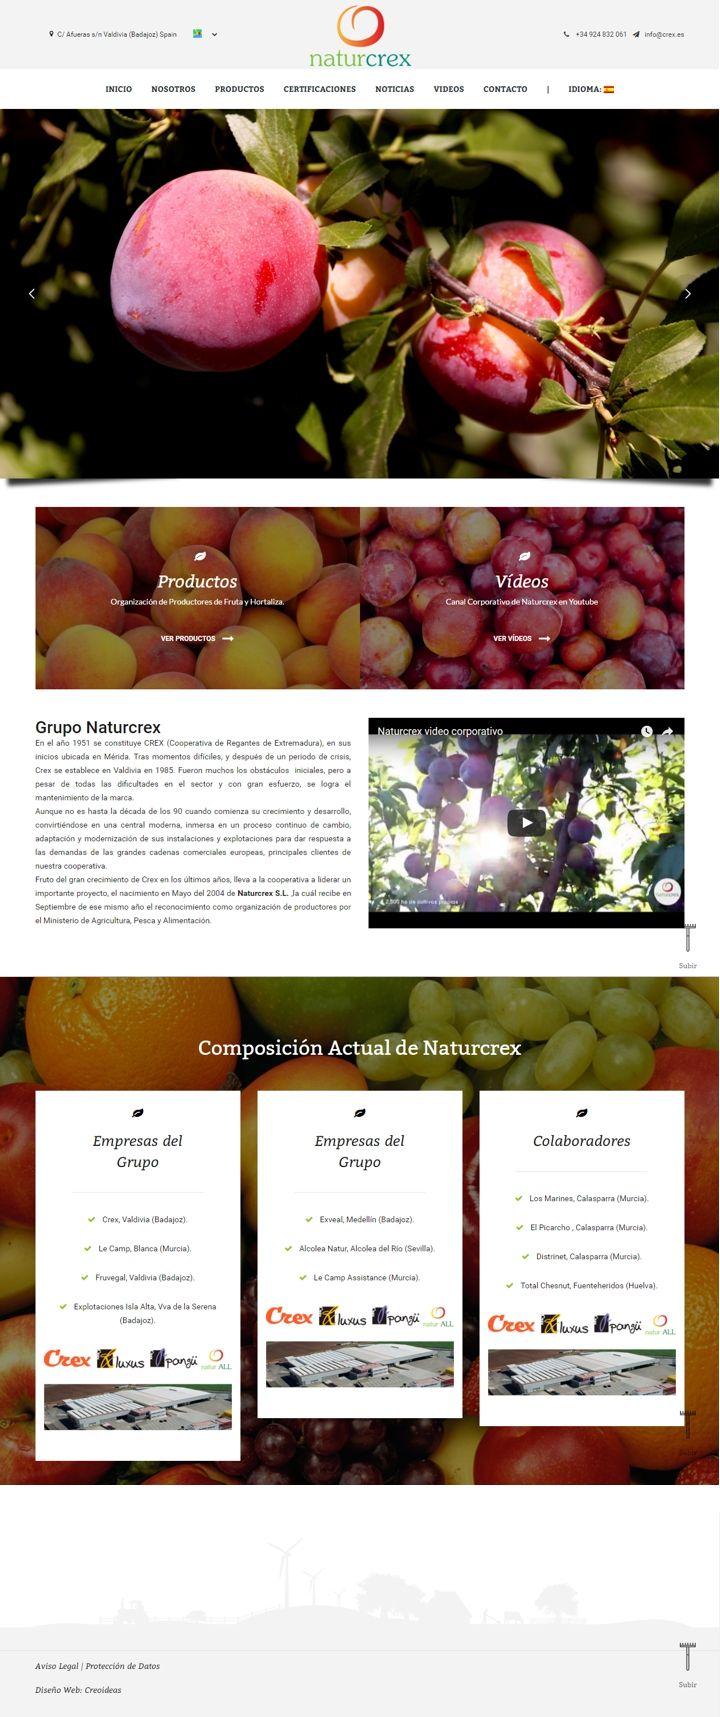 Naturcrex Organización de Productores de Frutas y Hortalizas